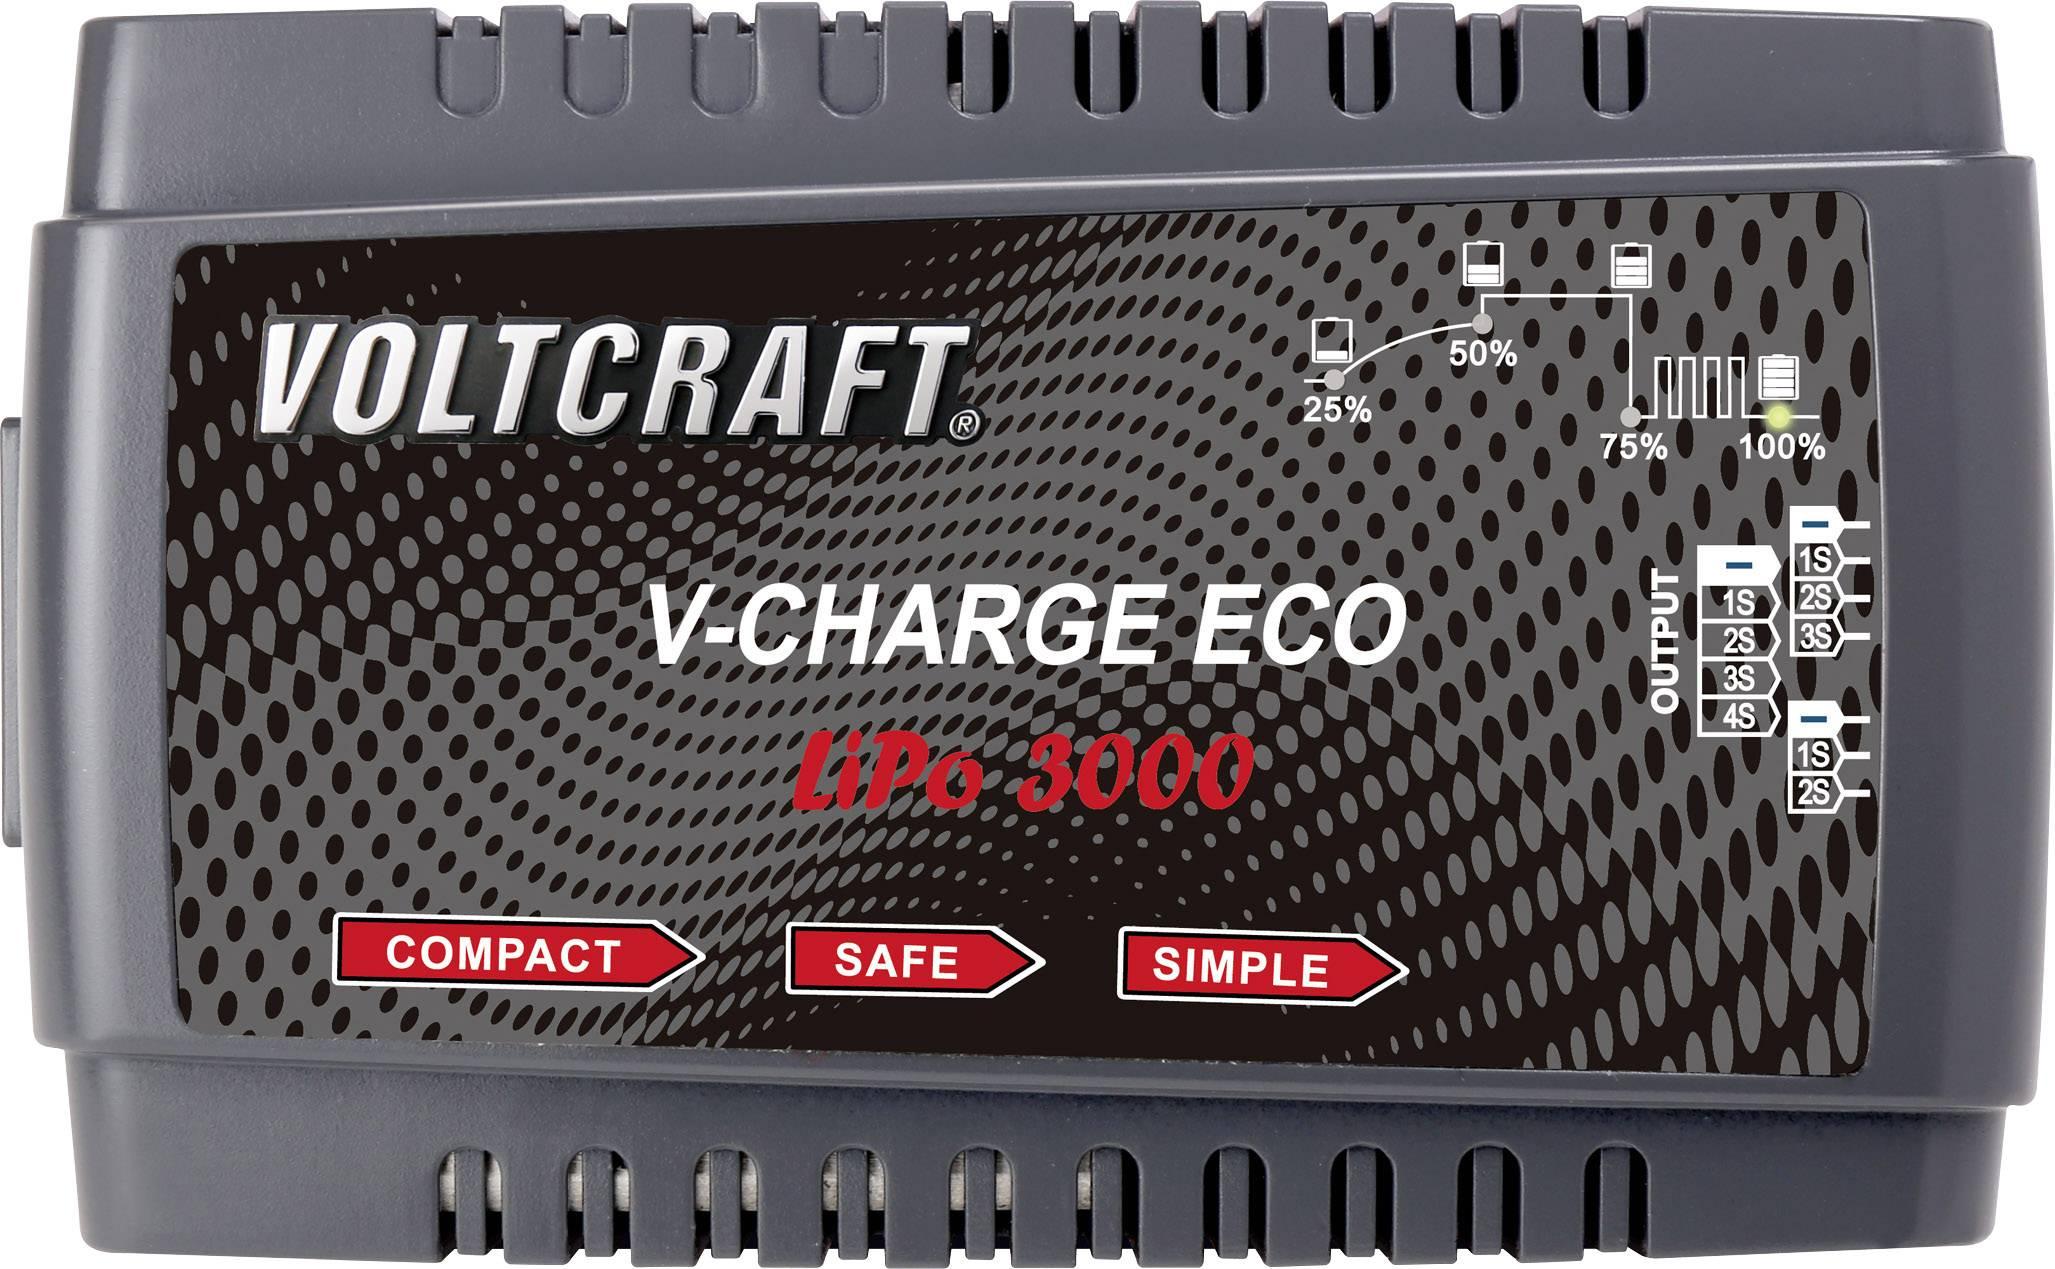 Modelárska nabíjačka Li-Pol Voltcraft V-Charge Eco LiPo 3000, 230 V, 3 A